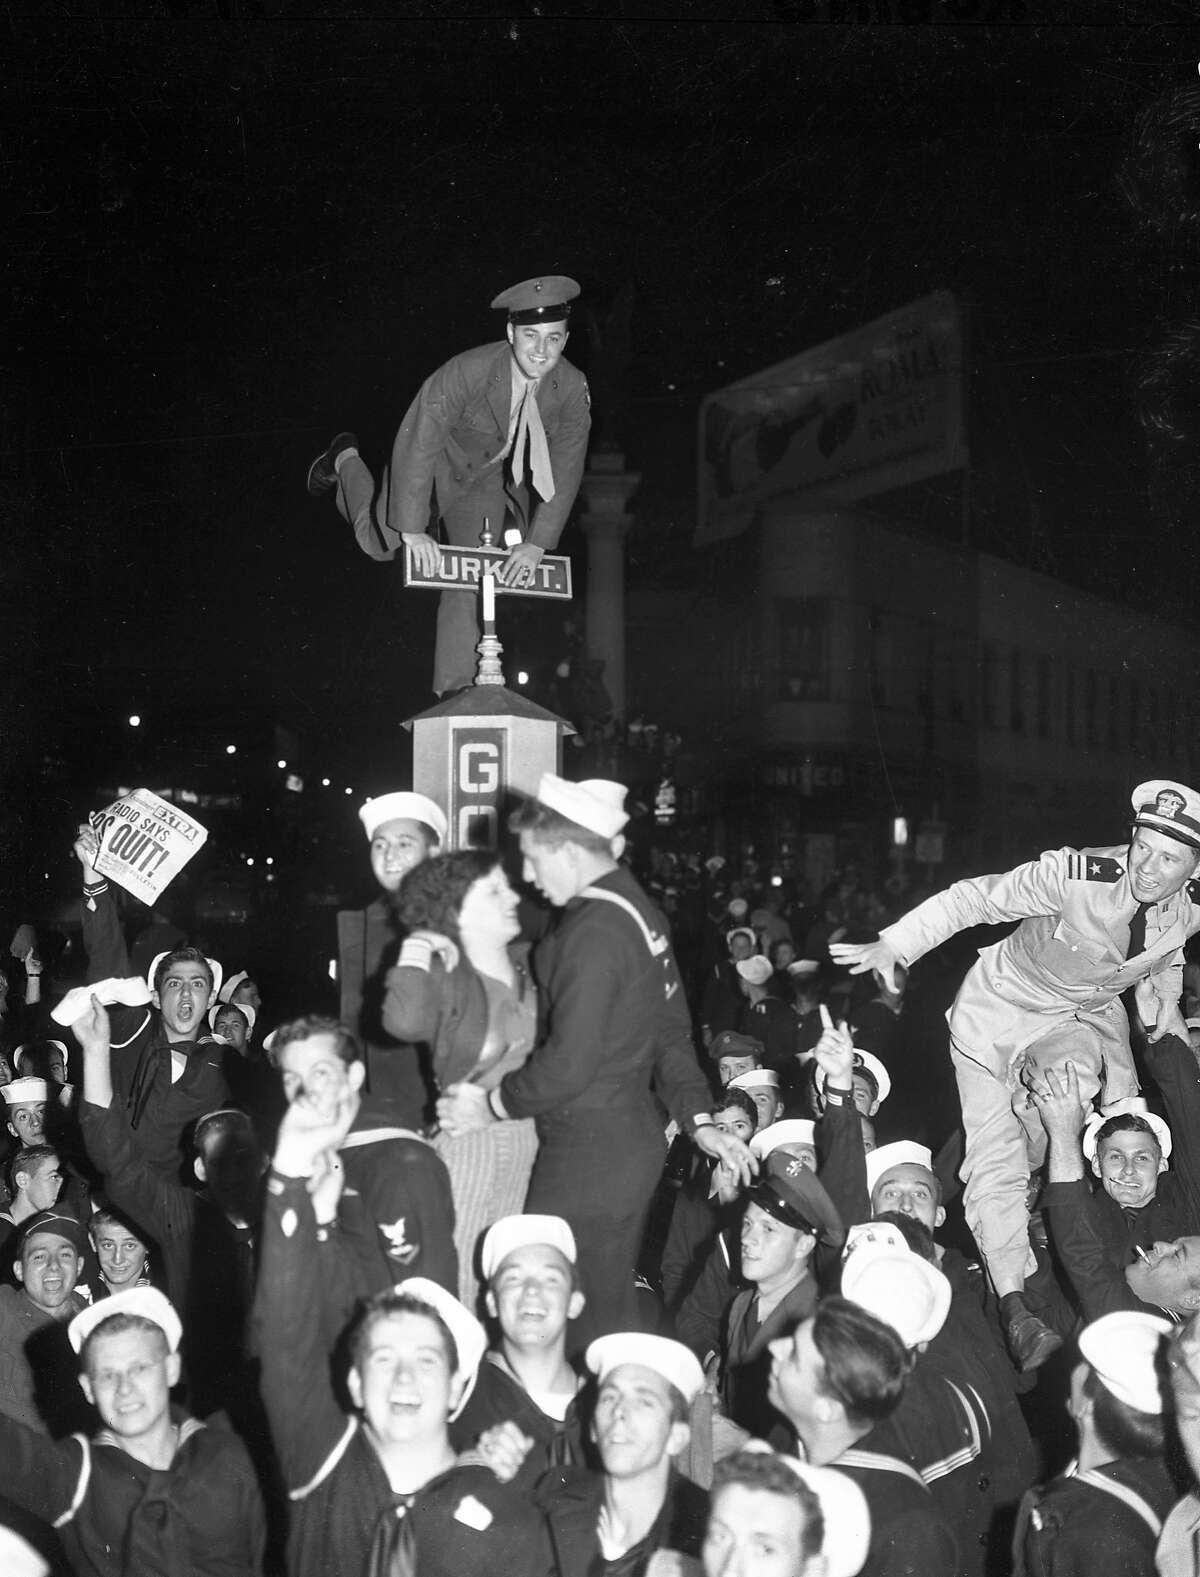 V-J Day celebration in San Francisco ..August 14-15 1945 End of World War II, Japan surrenders Negatives says August 13, 1945, Market Street